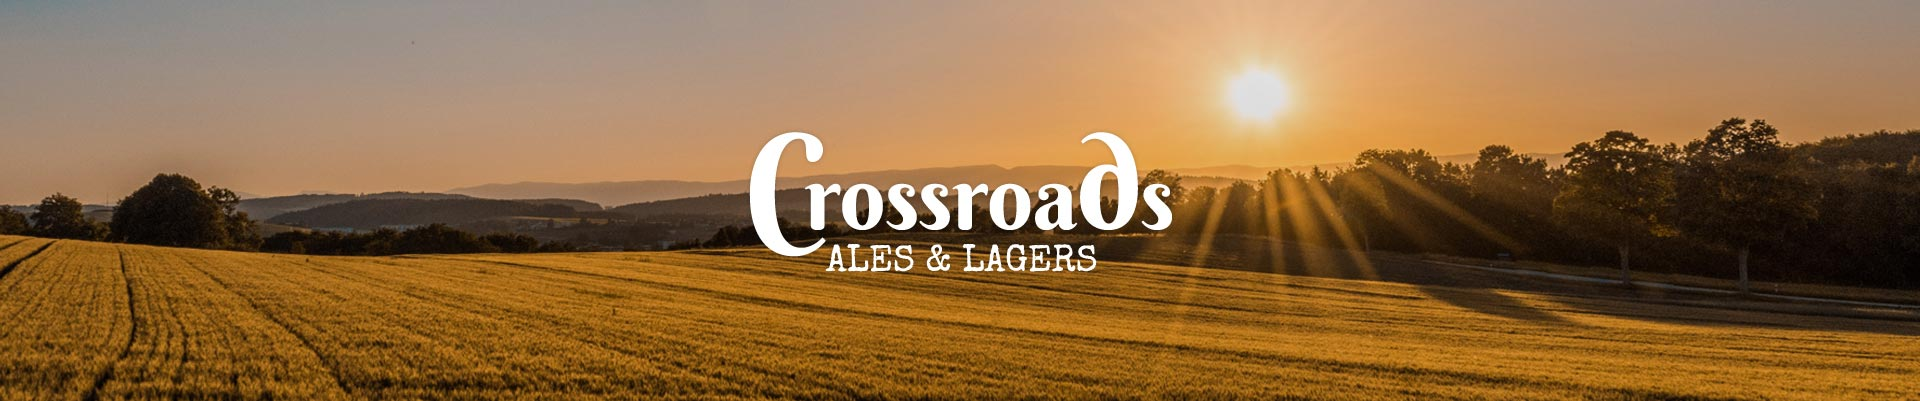 Crossroads Bier Hintergrund